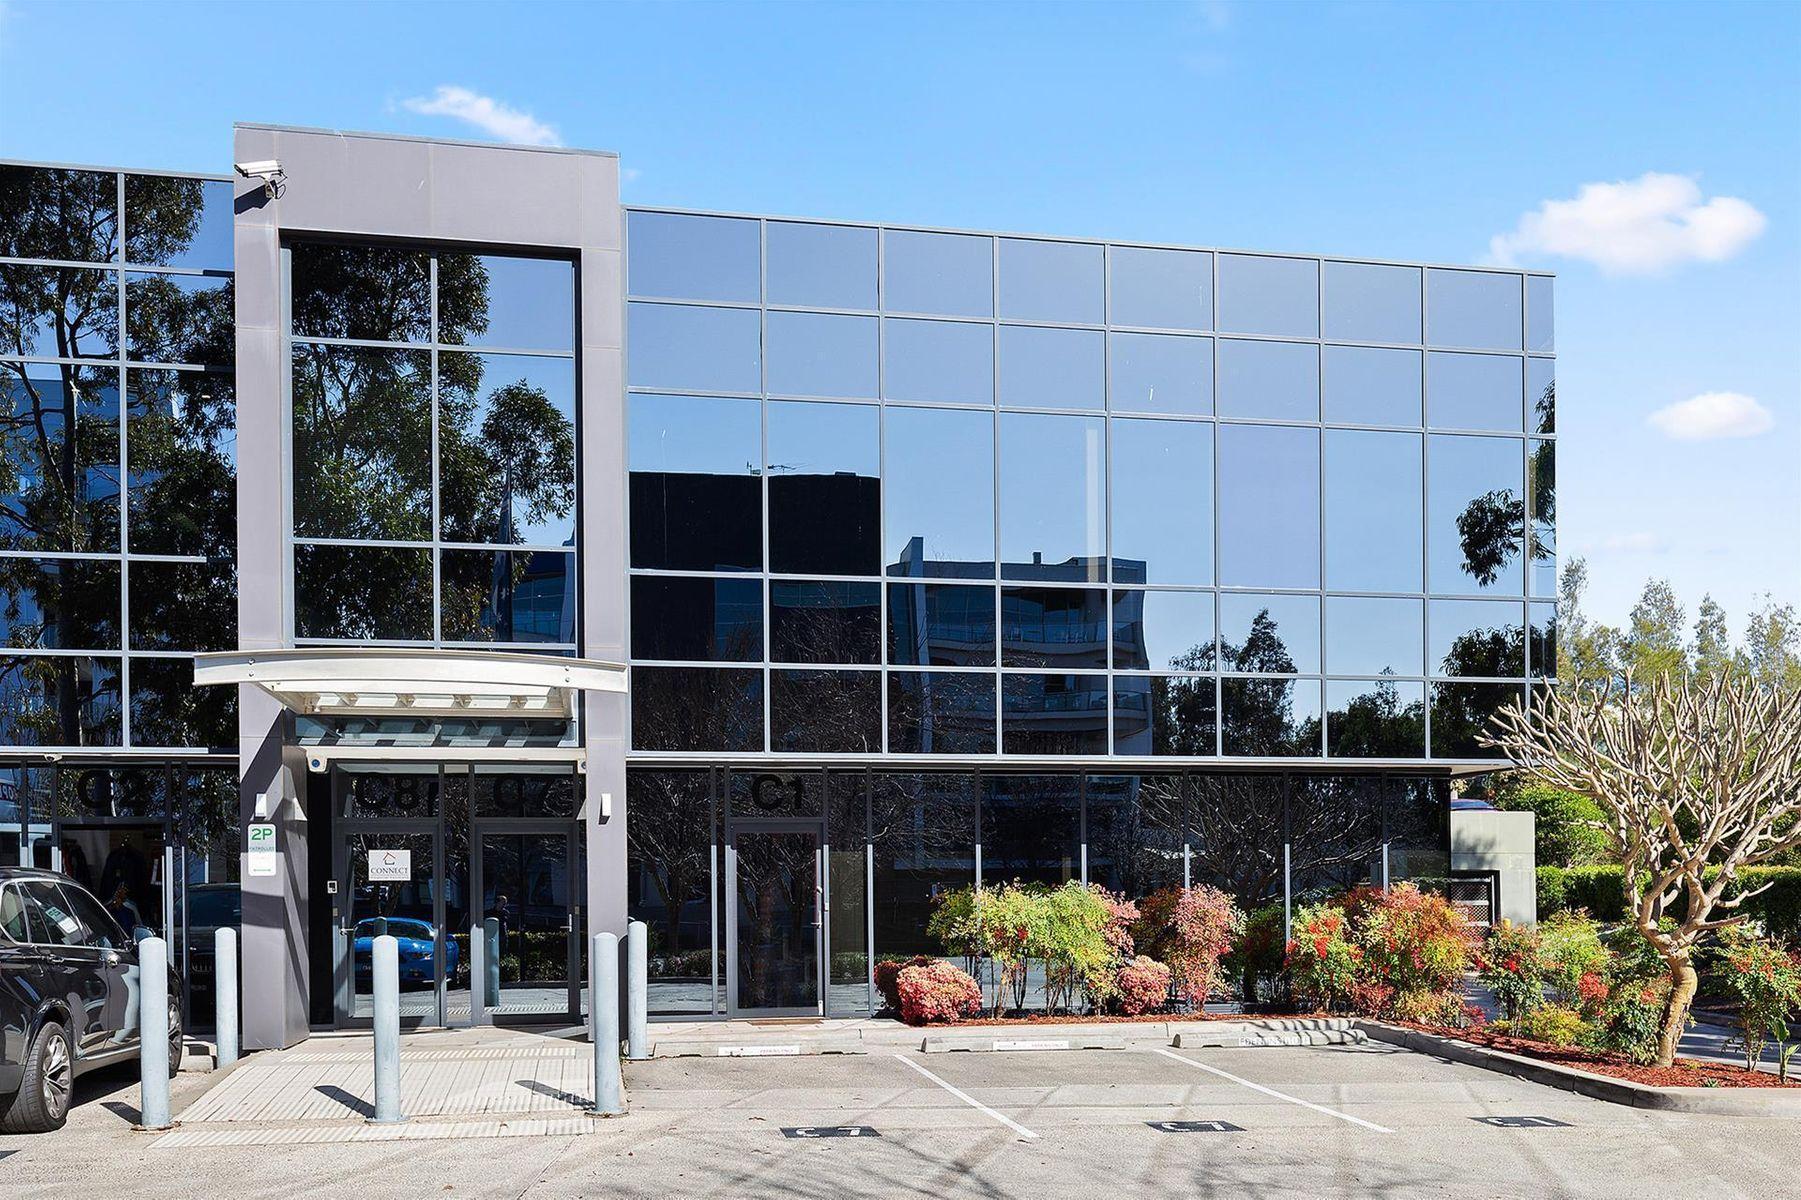 C7/12-14 Solent Circuit, Baulkham Hills, NSW 2153